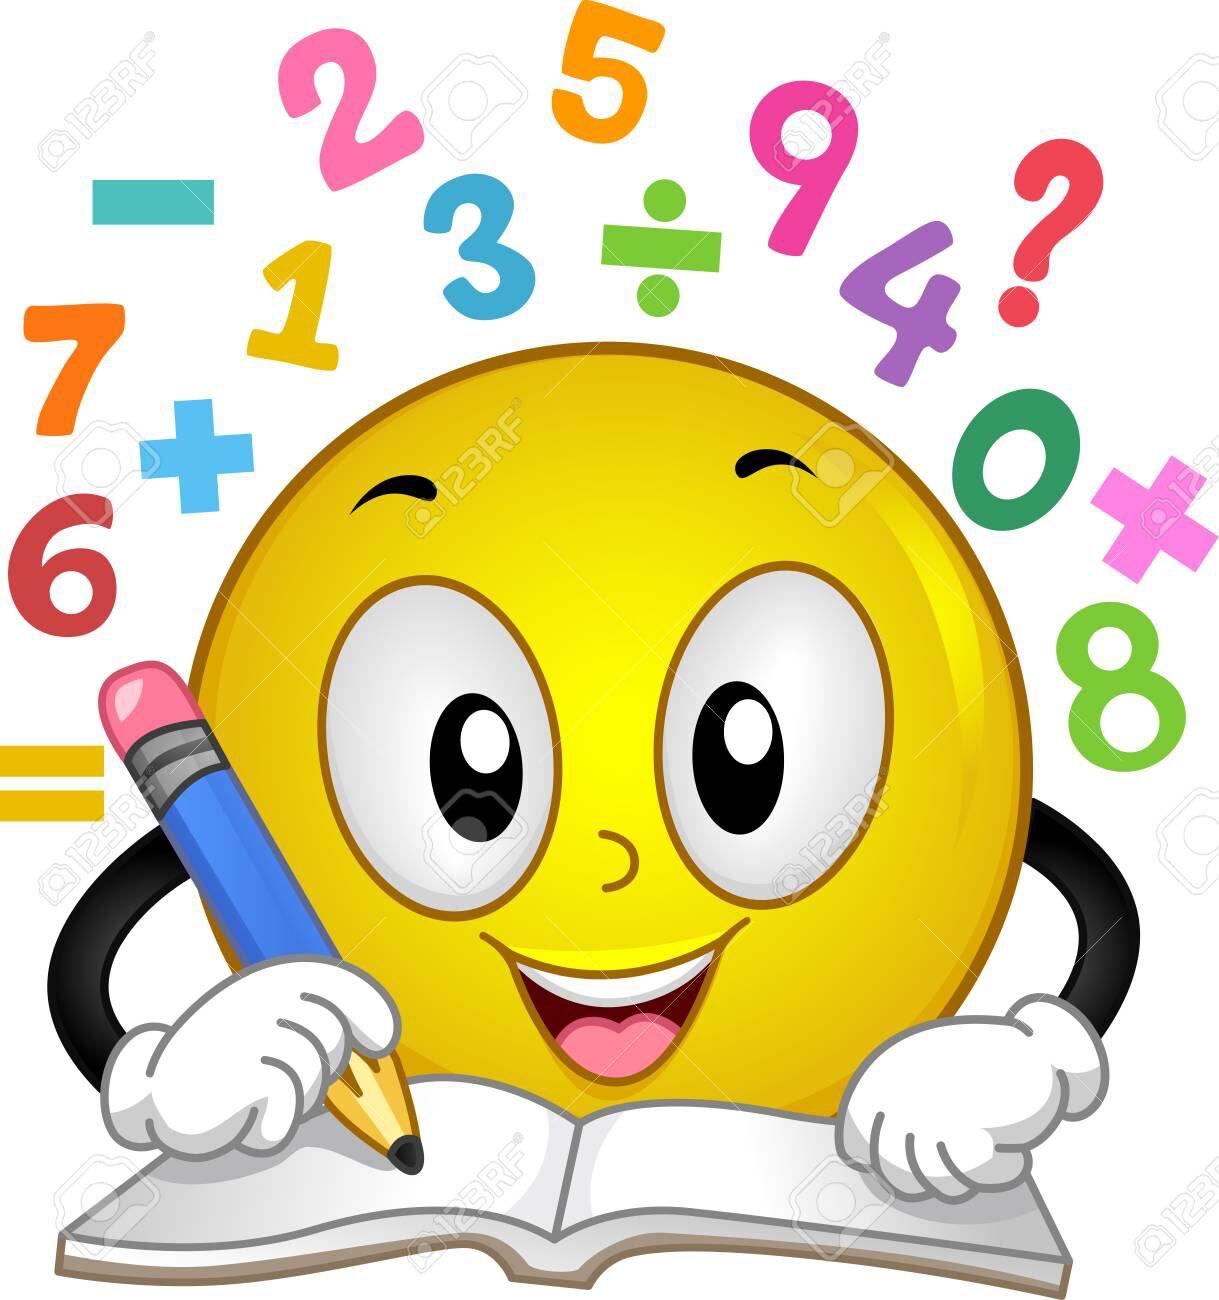 86270797-illustration-d-une-mascotte-smiley-tenant-un-crayon-répondre-aux-problèmes-de-mathématiques-sur-son-cah.jpg